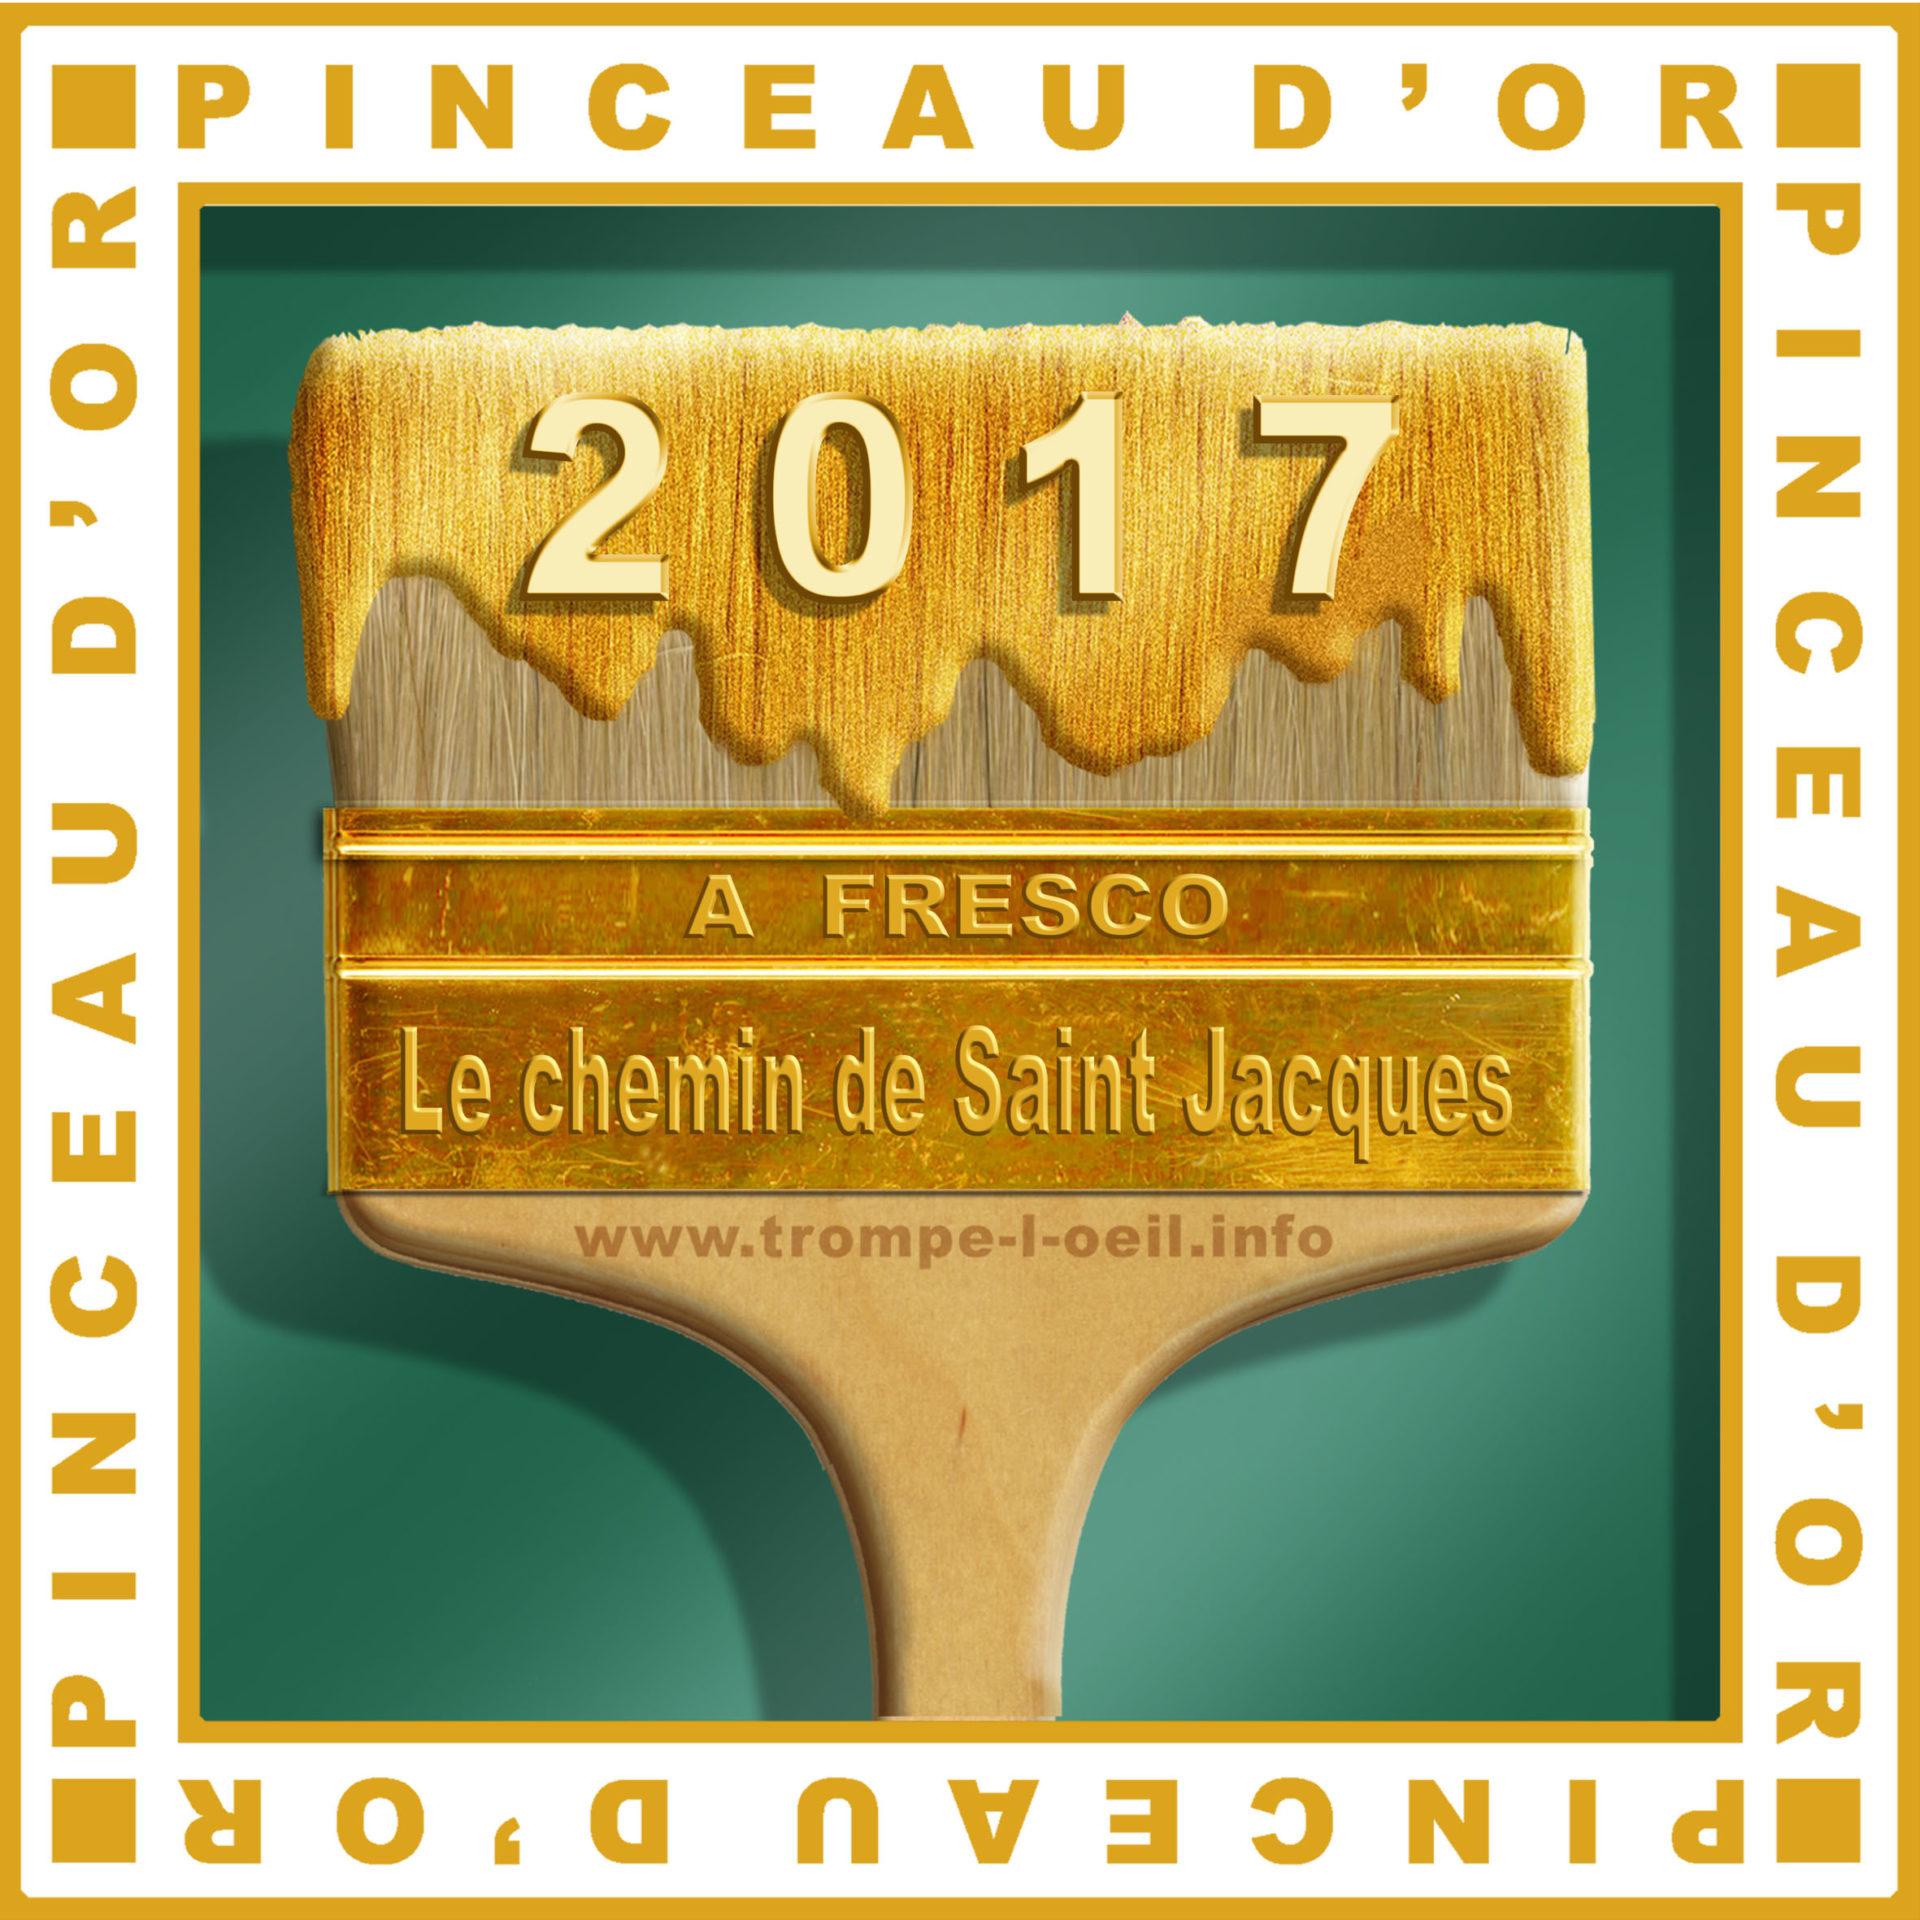 Pinceau d'or 2017 - Les chemins de Compostelle